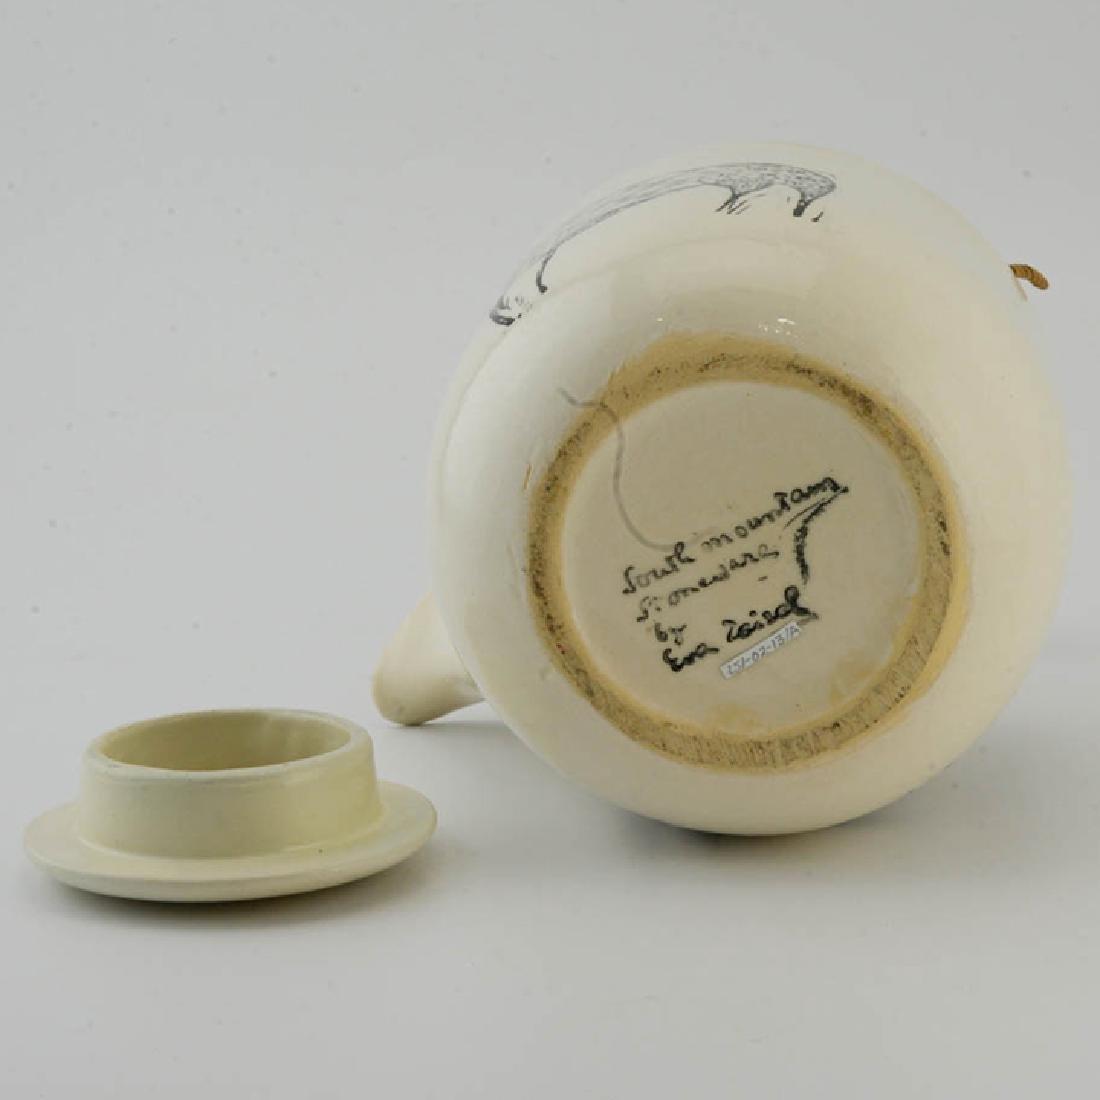 Eva Zeisel, Rare S. Mountain Stoneware Prototype - 3